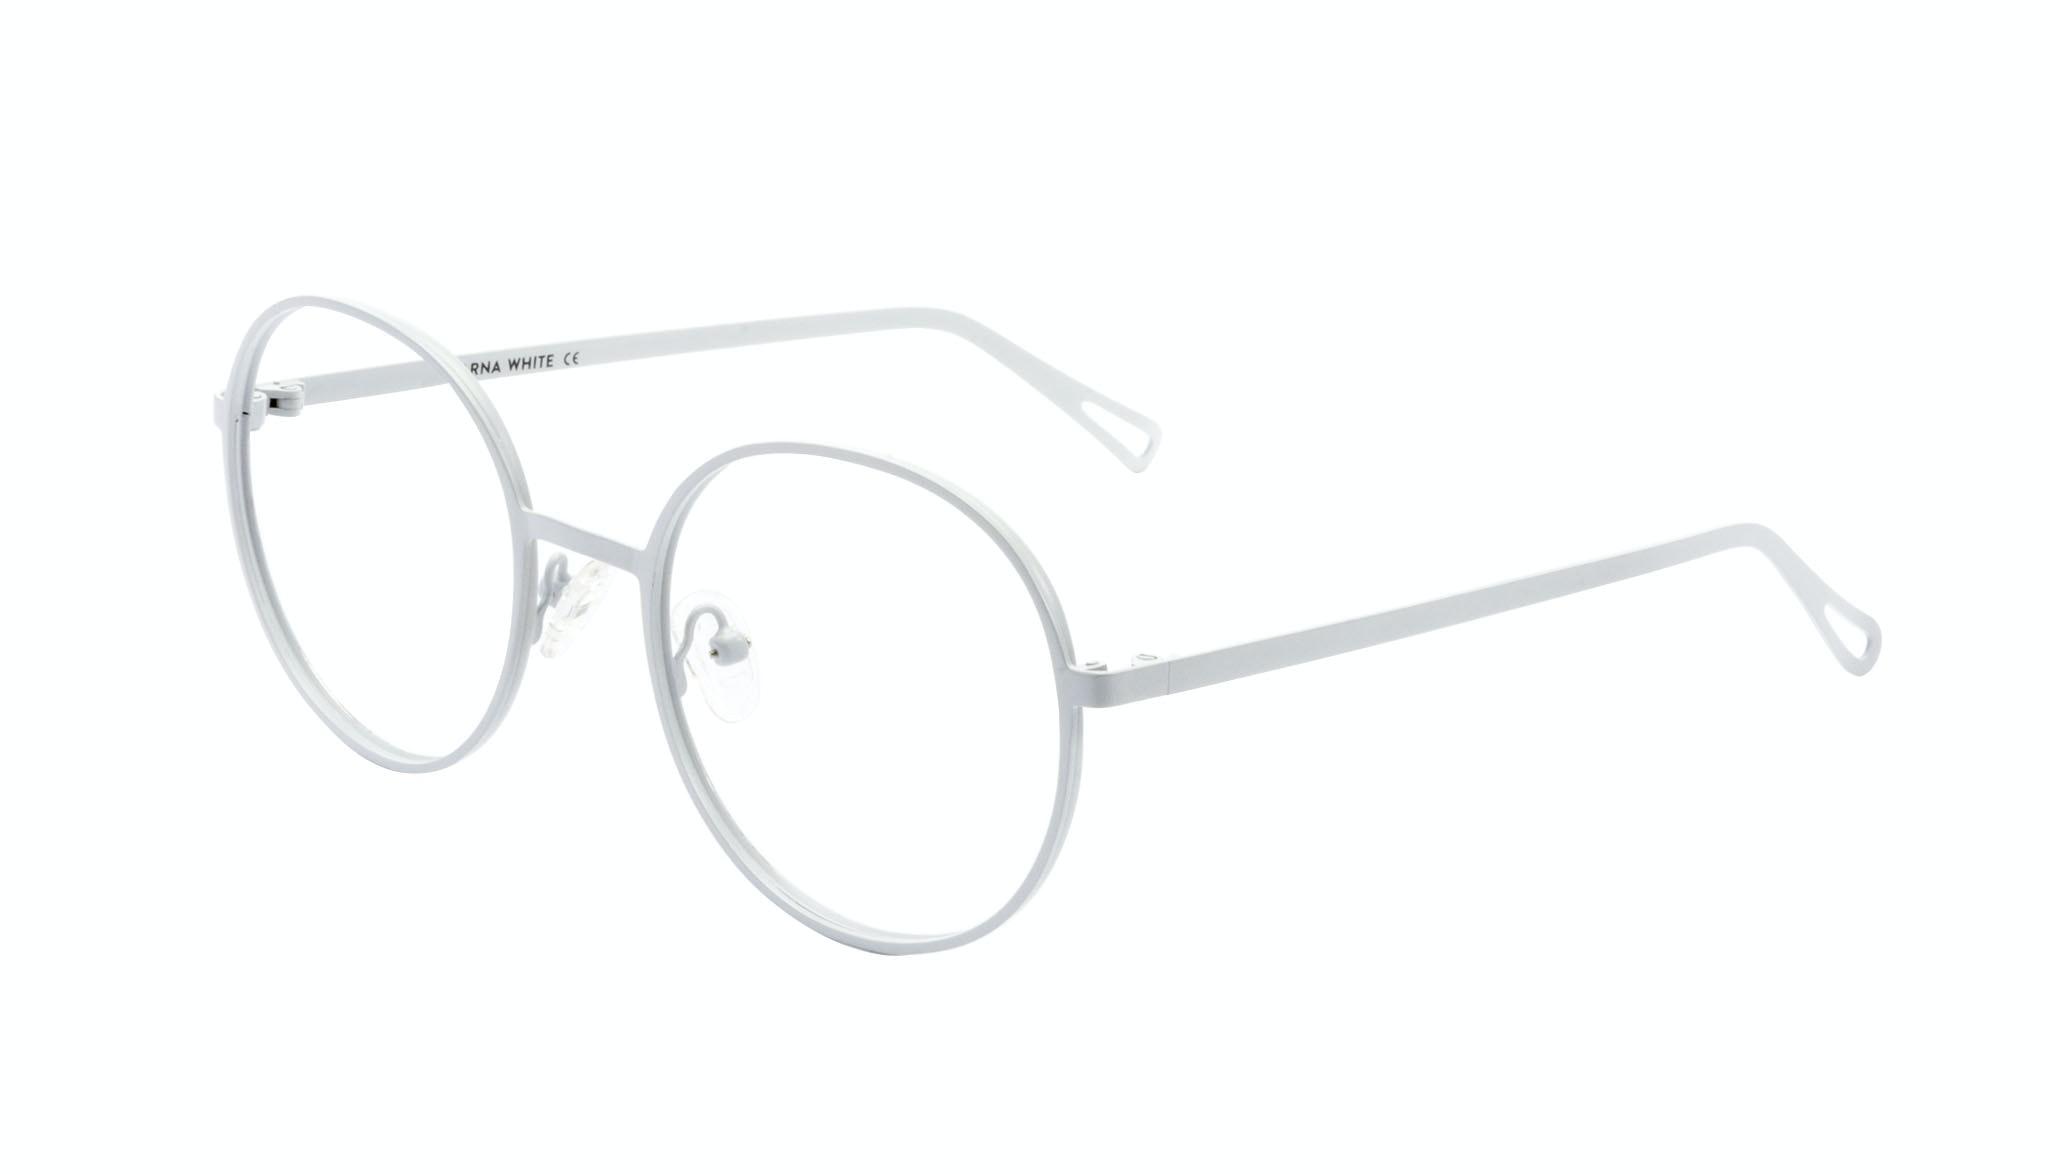 Affordable Fashion Glasses Round Eyeglasses Men Women Varna White Tilt